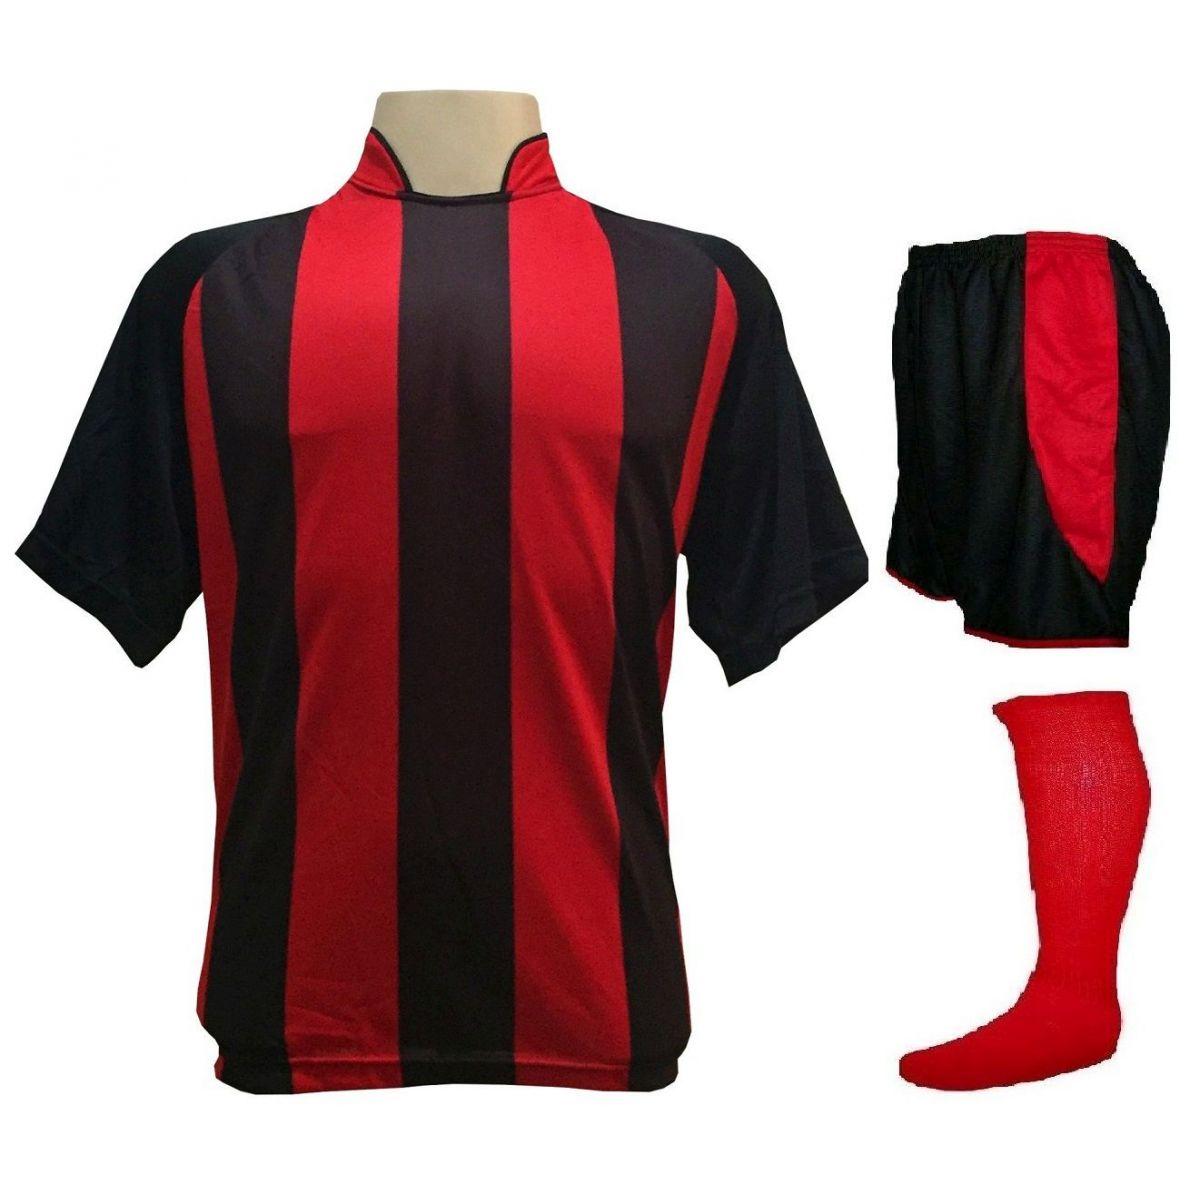 Fardamento Completo modelo Milan 20+1 (20 camisas Preto/Vermelho + 20 calções modelo Copa Preto/Vermelho + 20 pares de meiões Vermelho + 1 conjunto de goleiro)  + Brindes